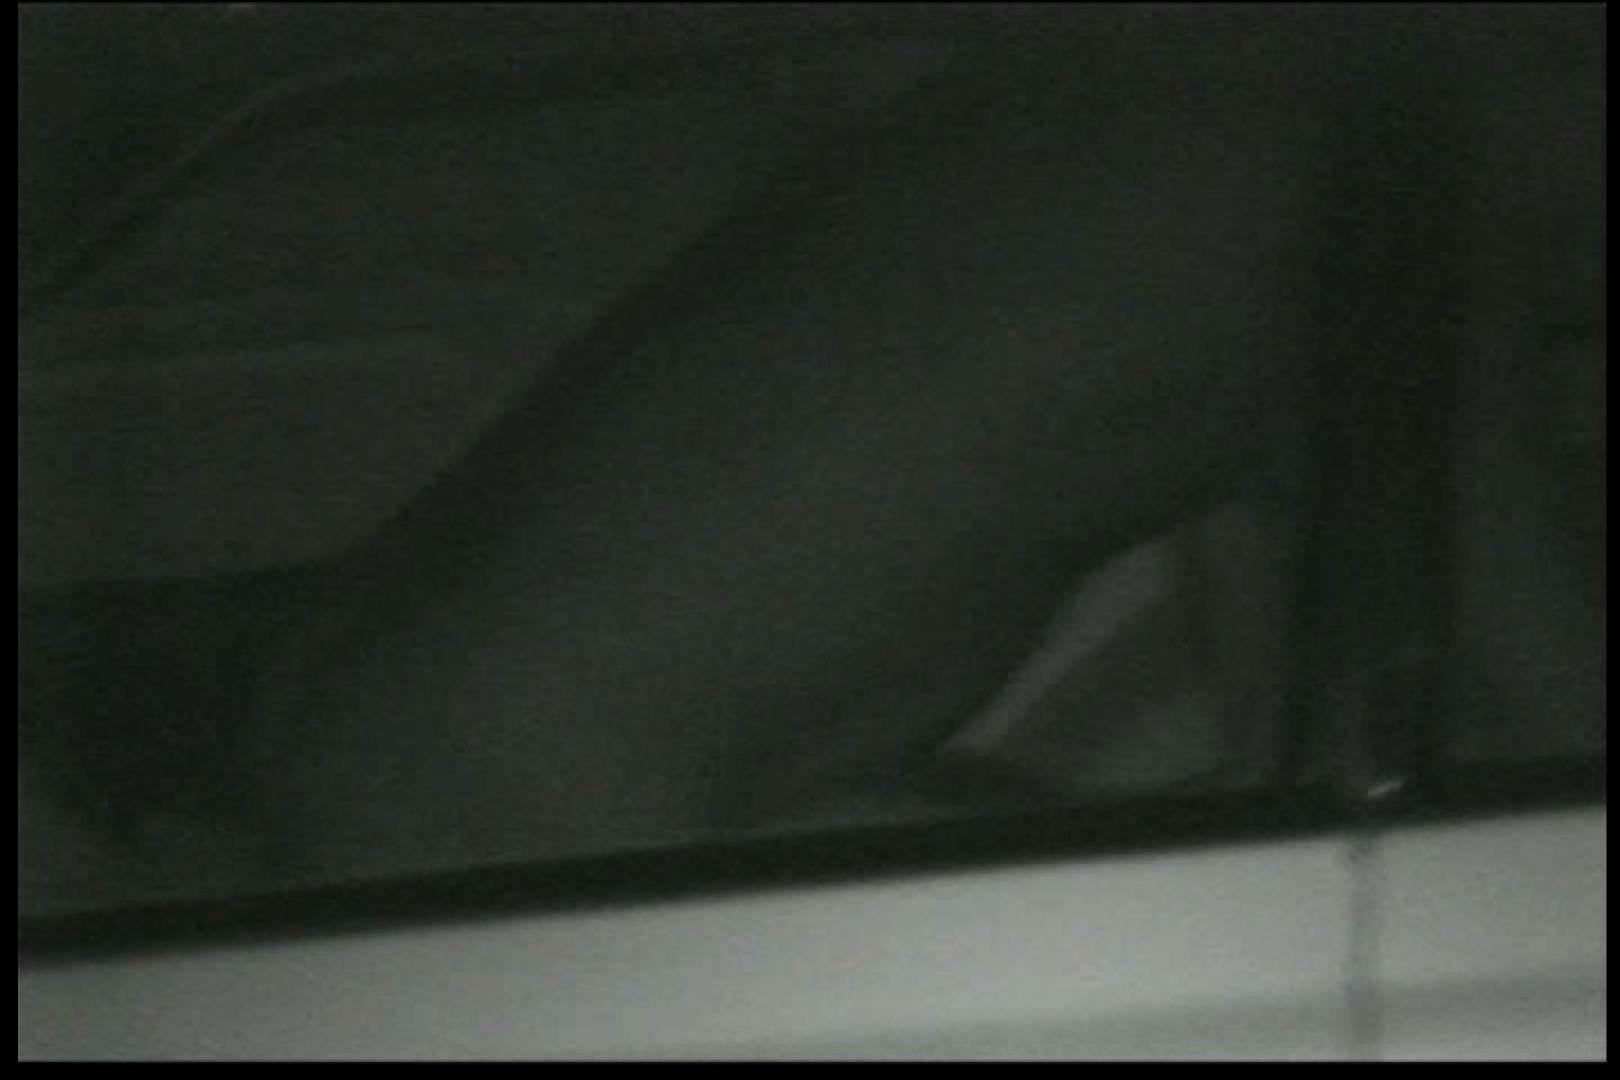 車の中はラブホテル 無修正版  Vol.12 望遠 隠し撮りオマンコ動画紹介 109連発 14